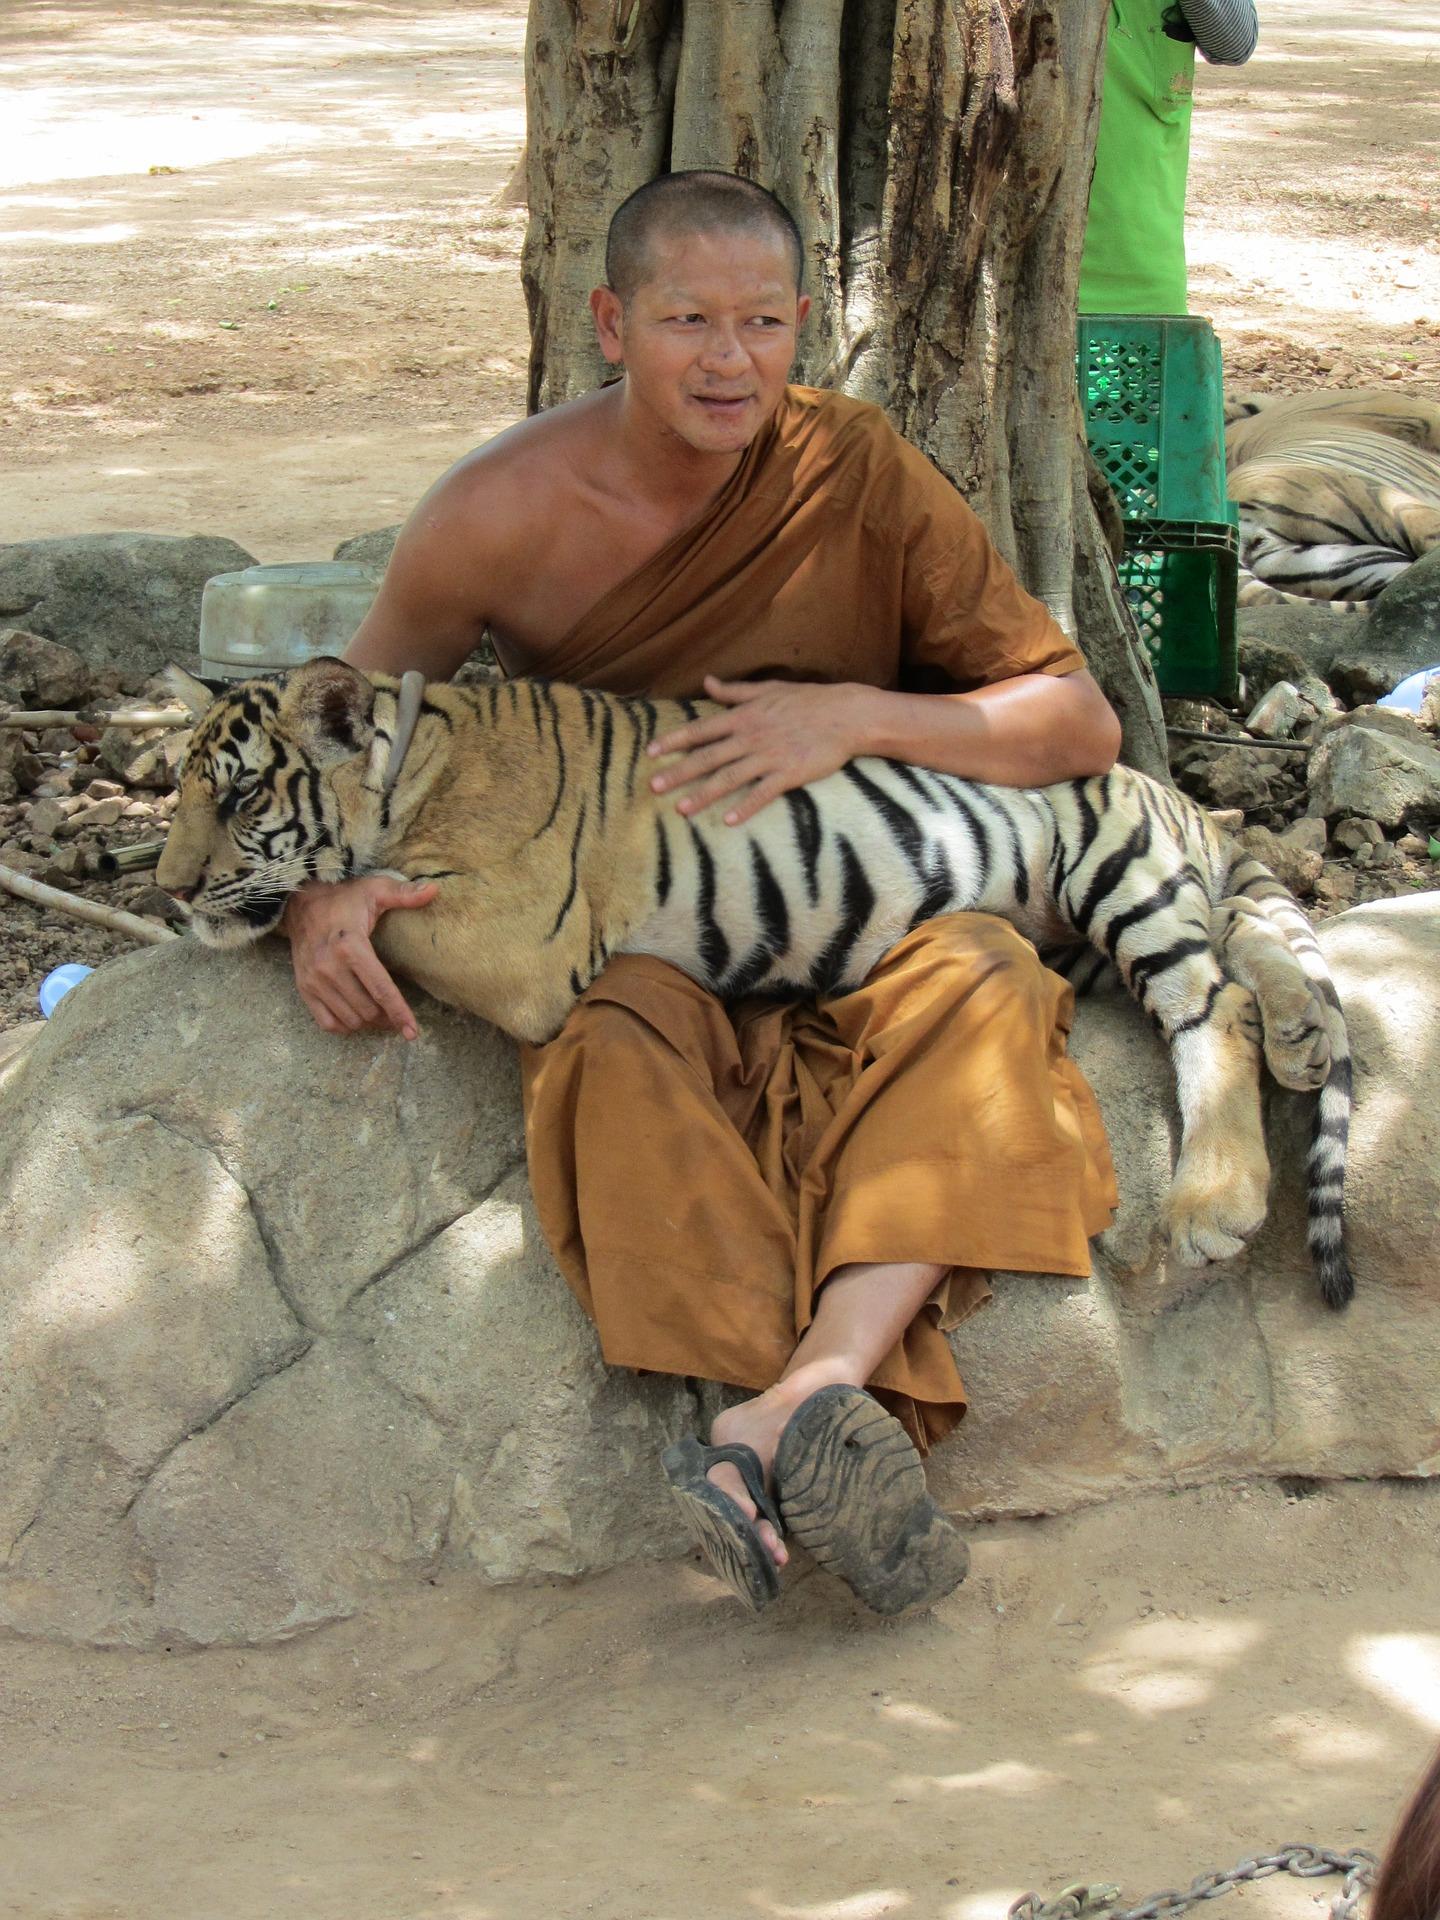 voir_tigre_thailande_sanctuaire_vérité_enfer_maltraitance_animale_tourisme